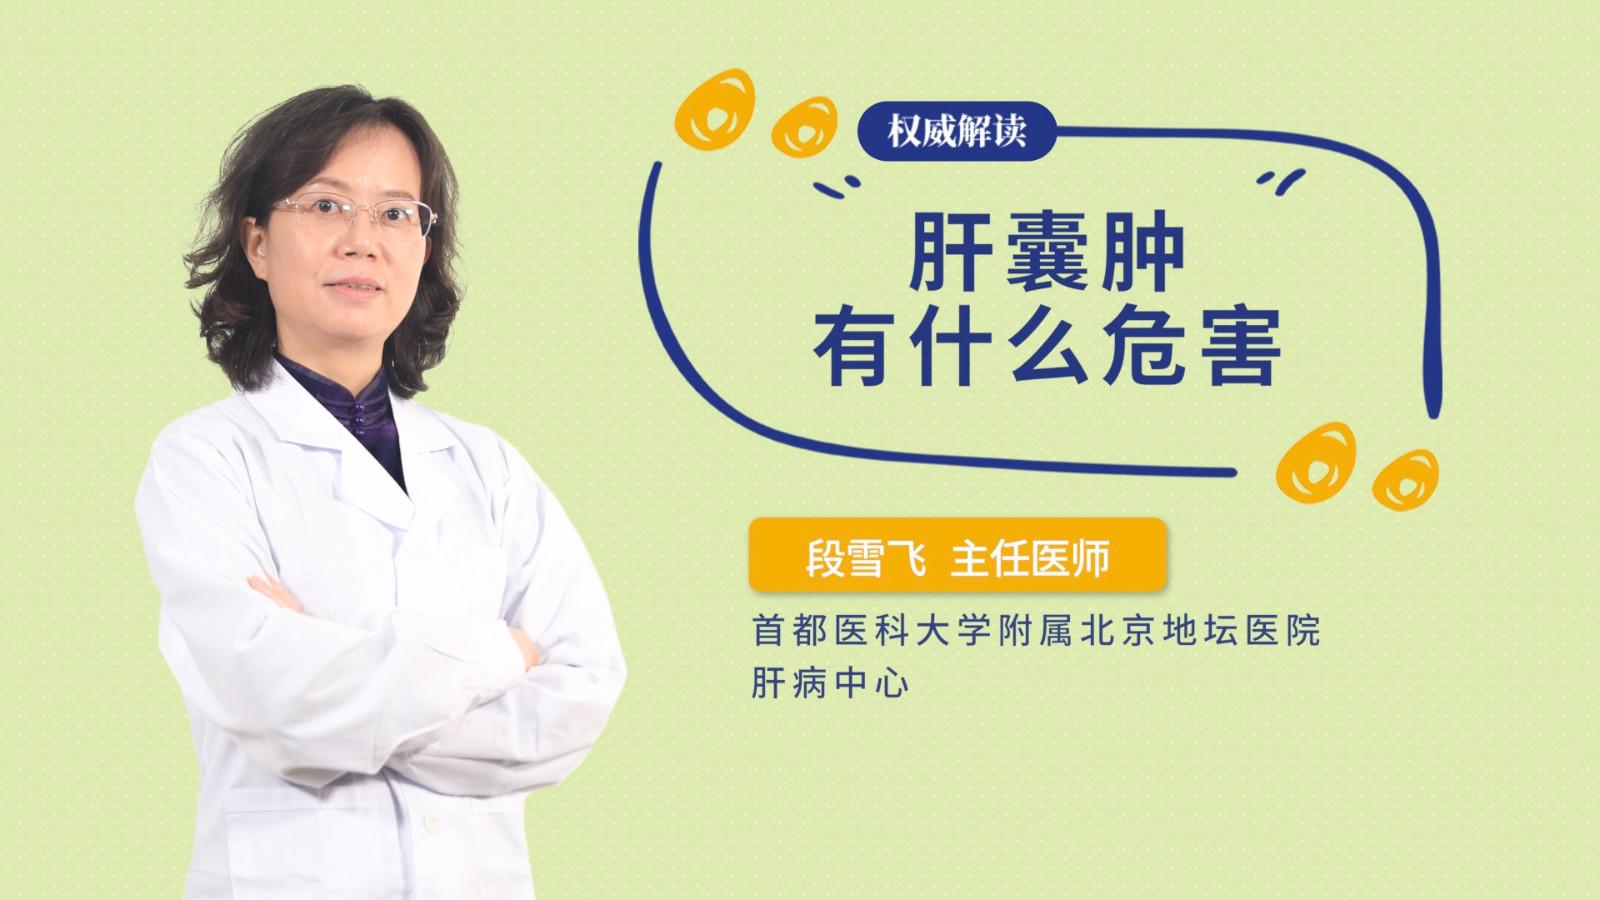 肝囊肿有什么危害